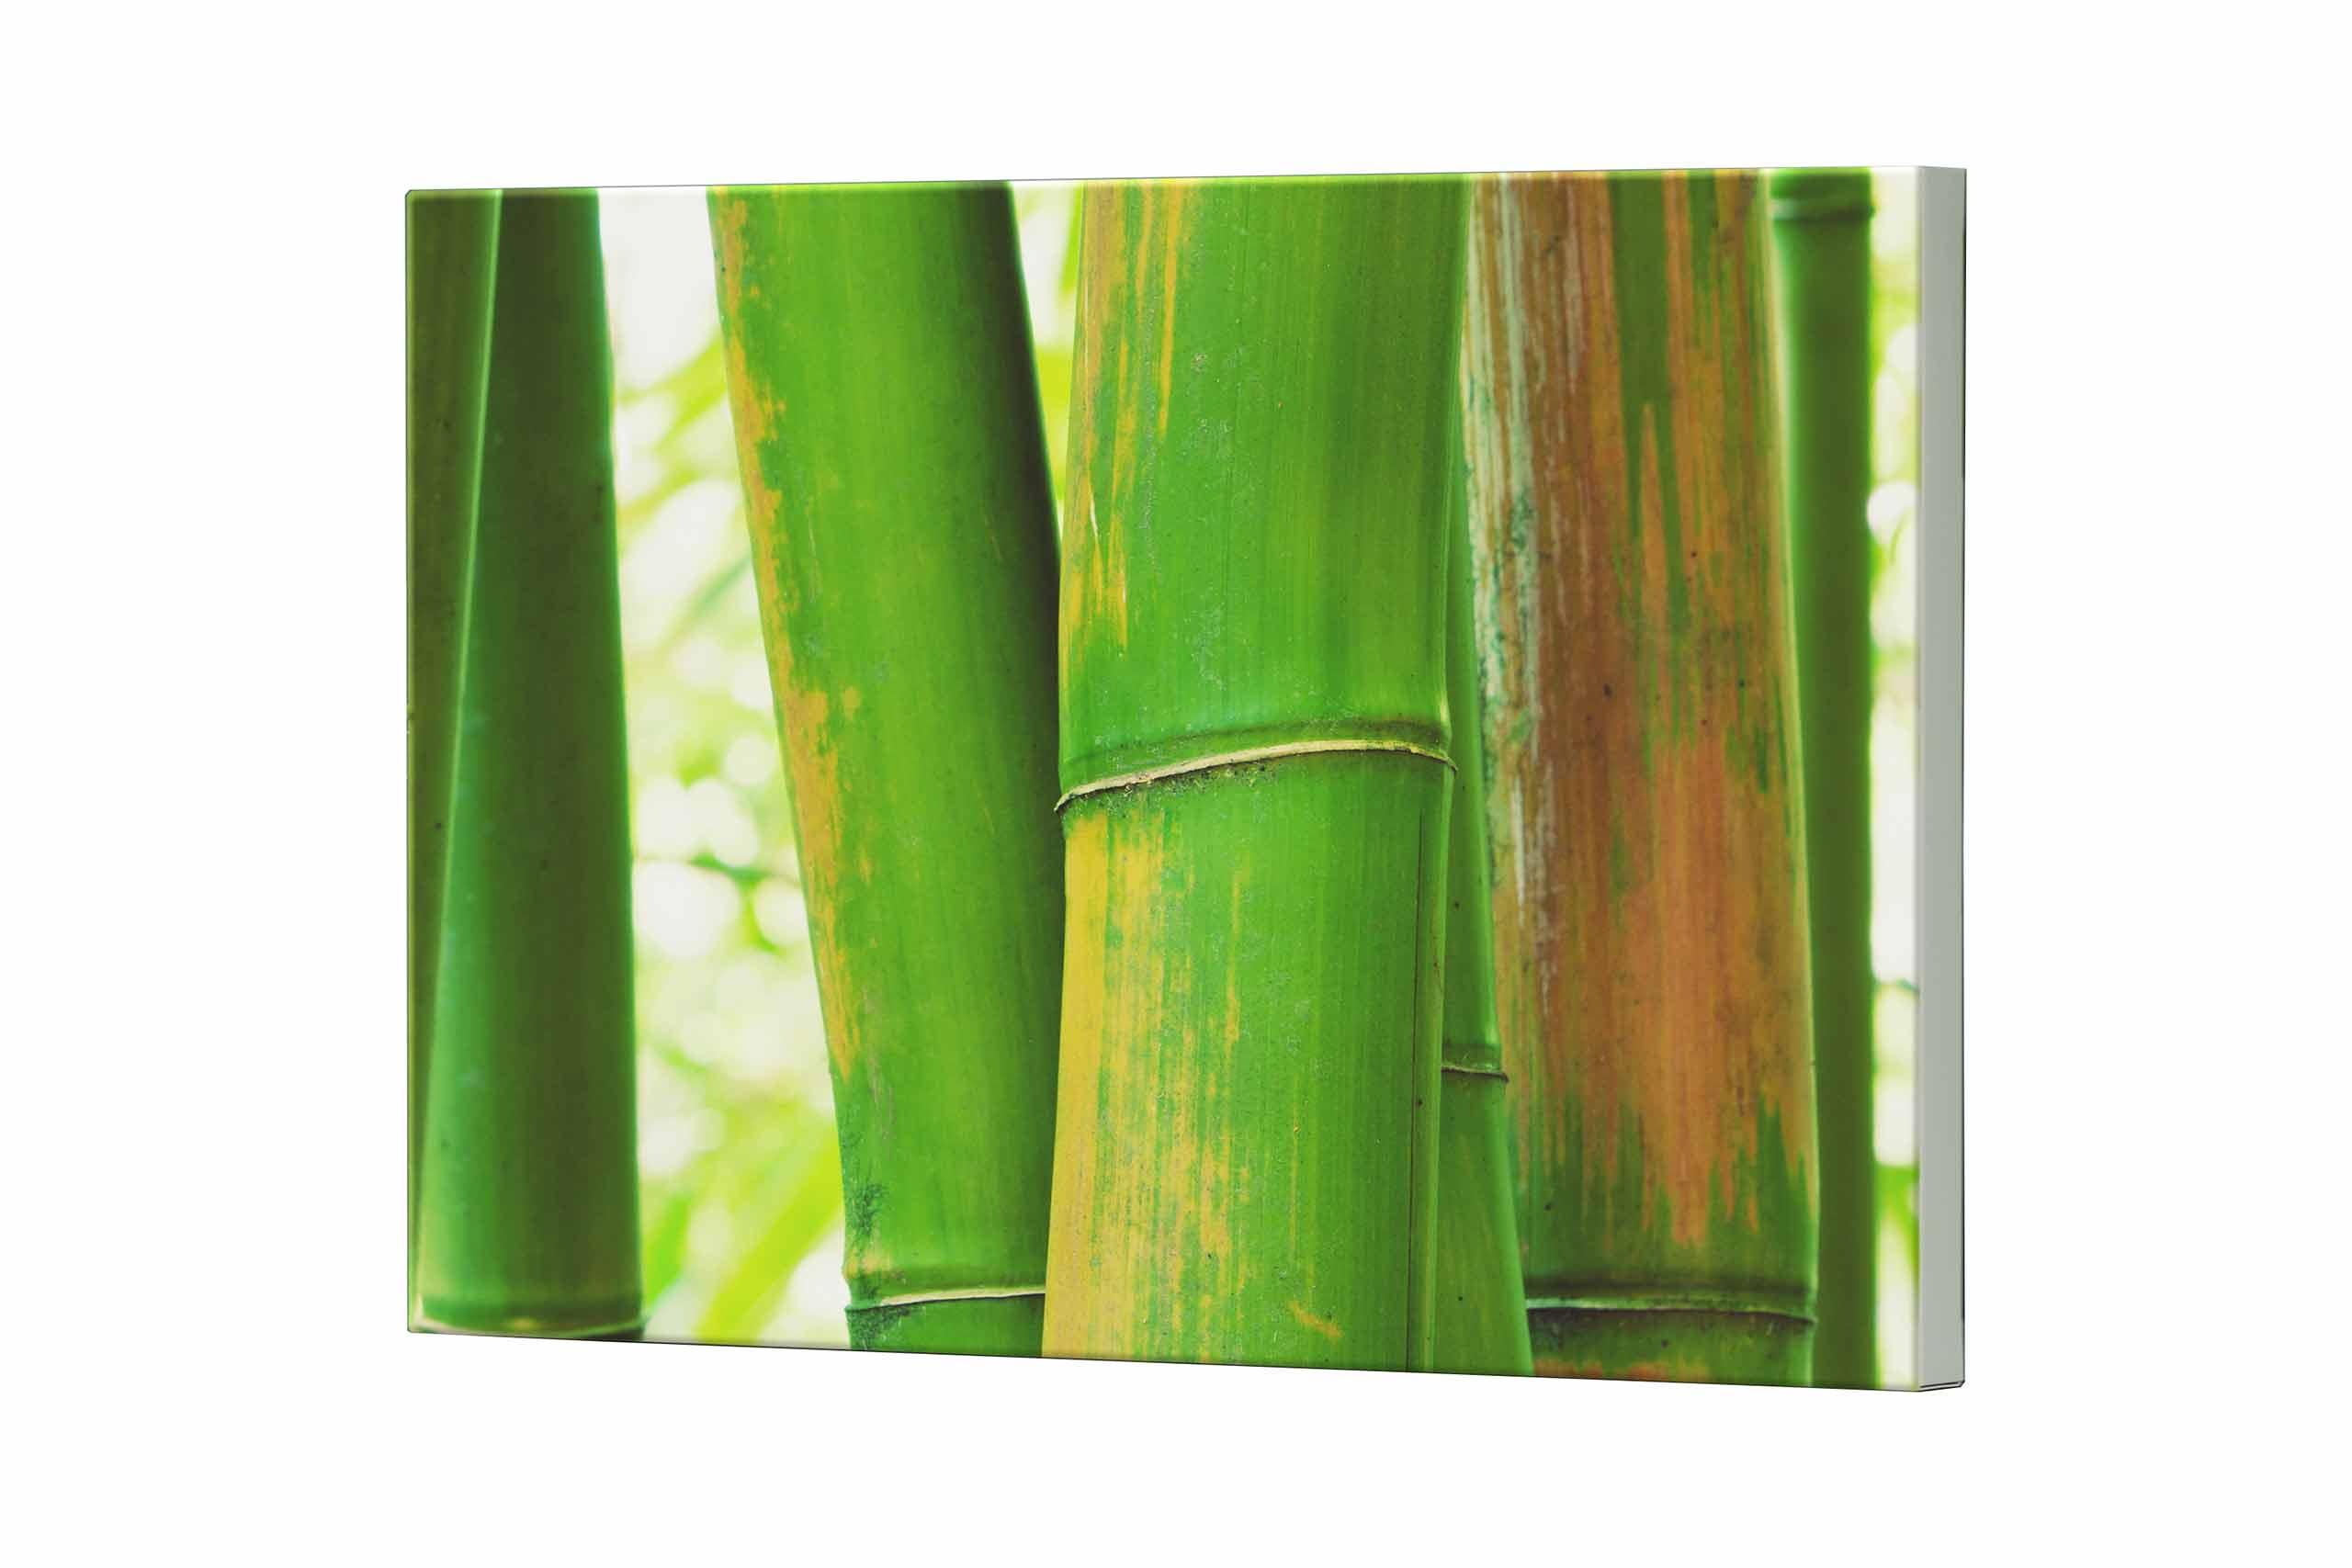 Magnettafel NOTIZ 80x60cm Motiv Bambus MDQ146 Motiv-Pinnwand